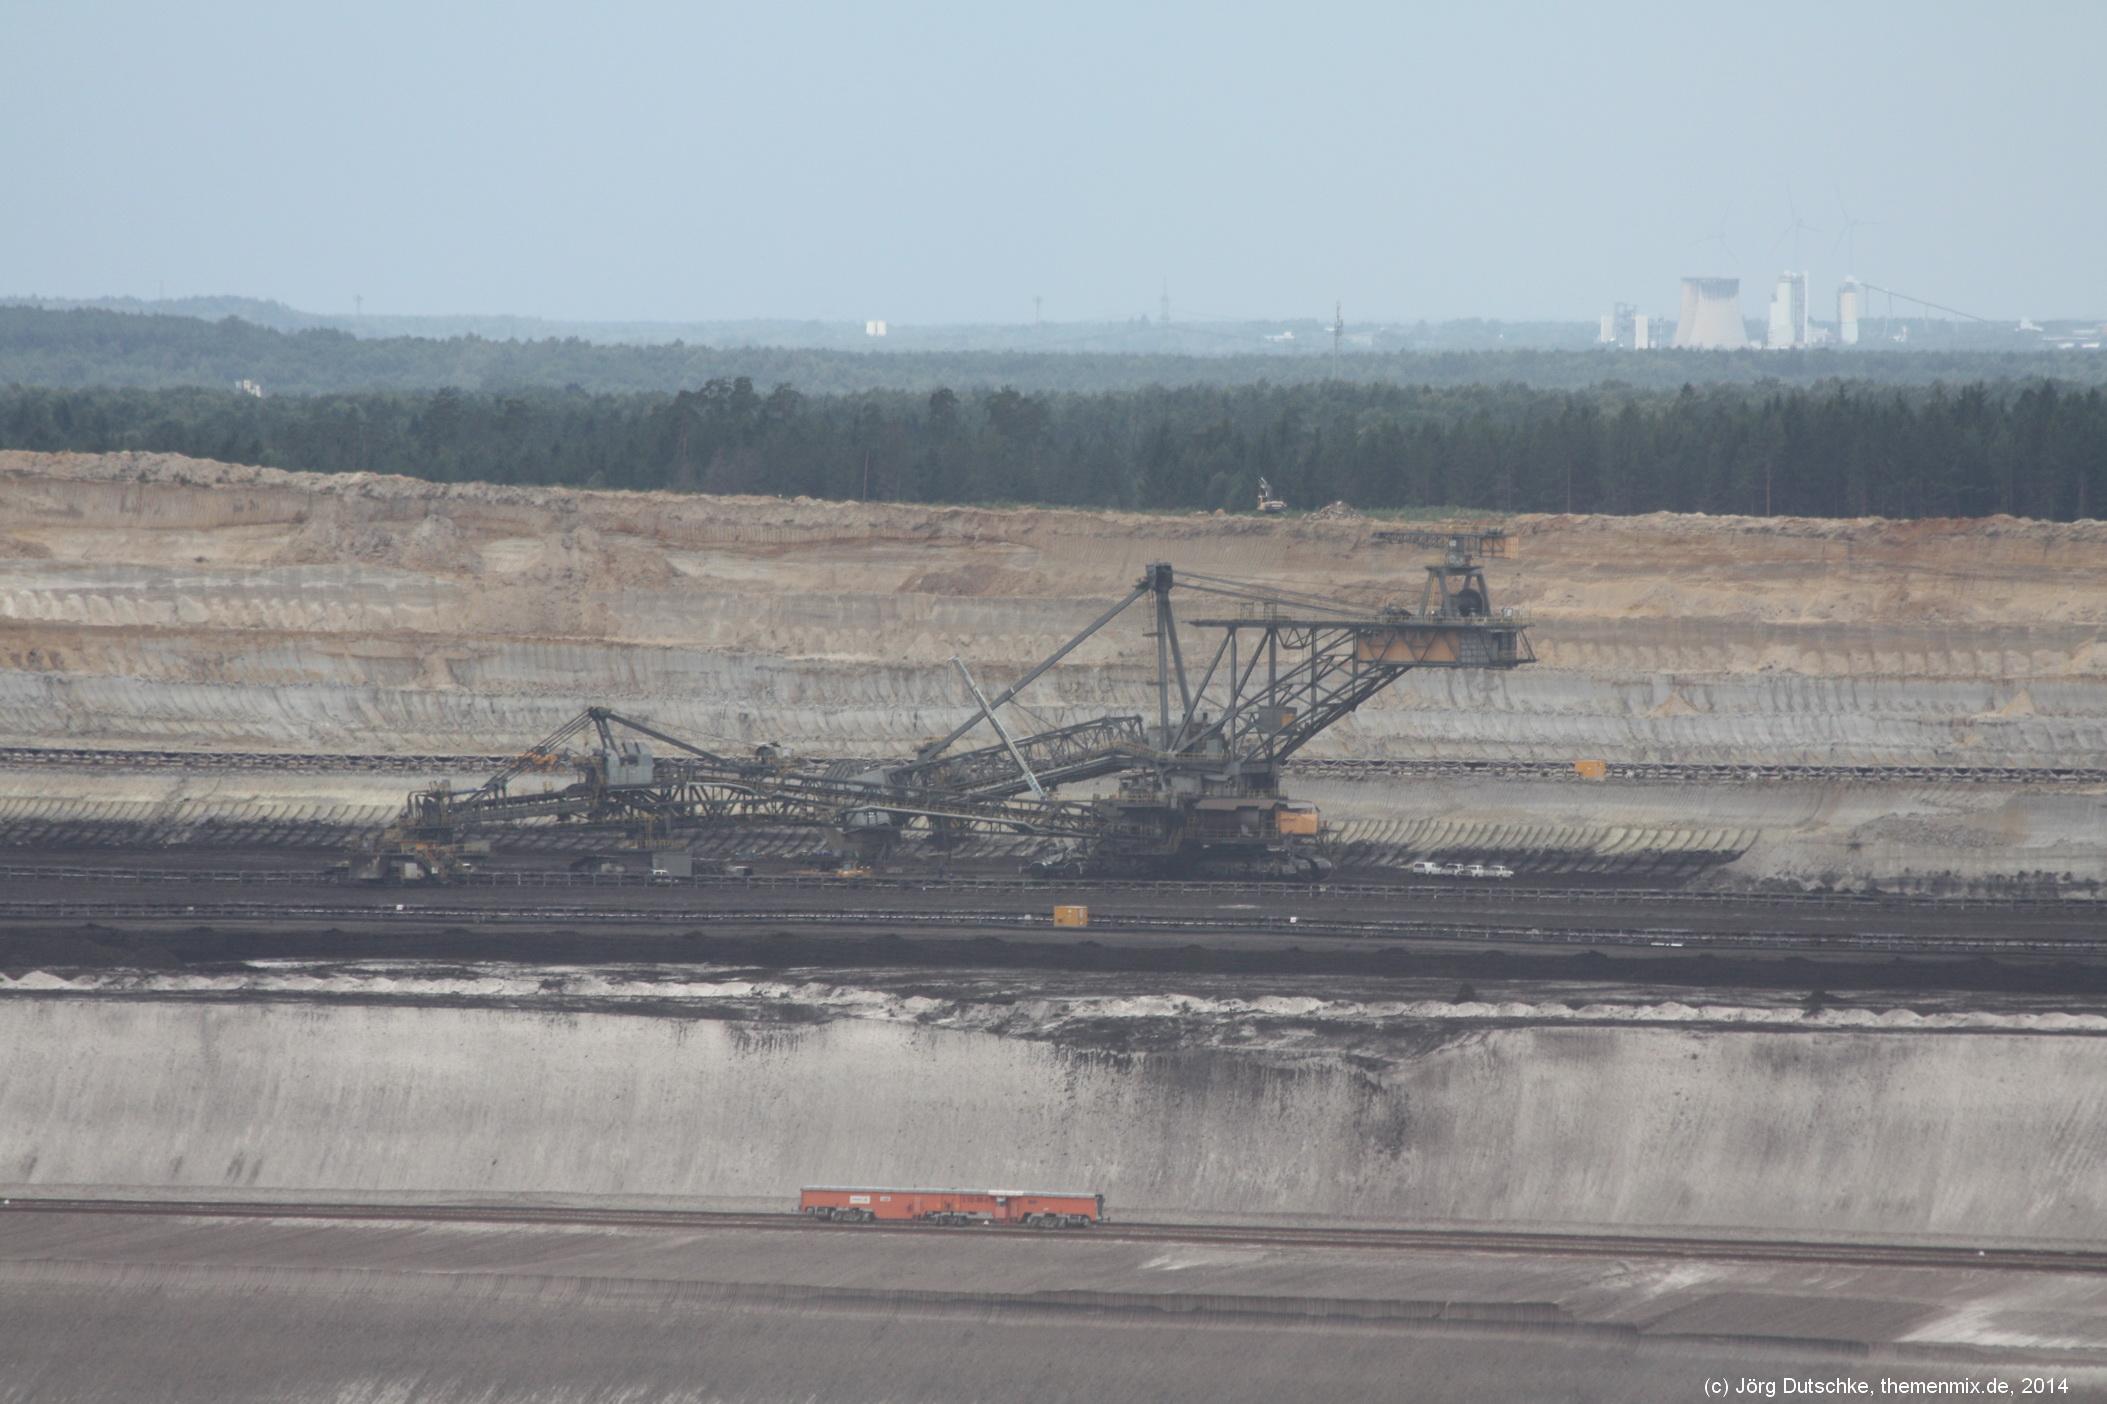 Ein kleiner Waggon unterhalb eines riesigen Abraumbaggers im Tagebau Nochten